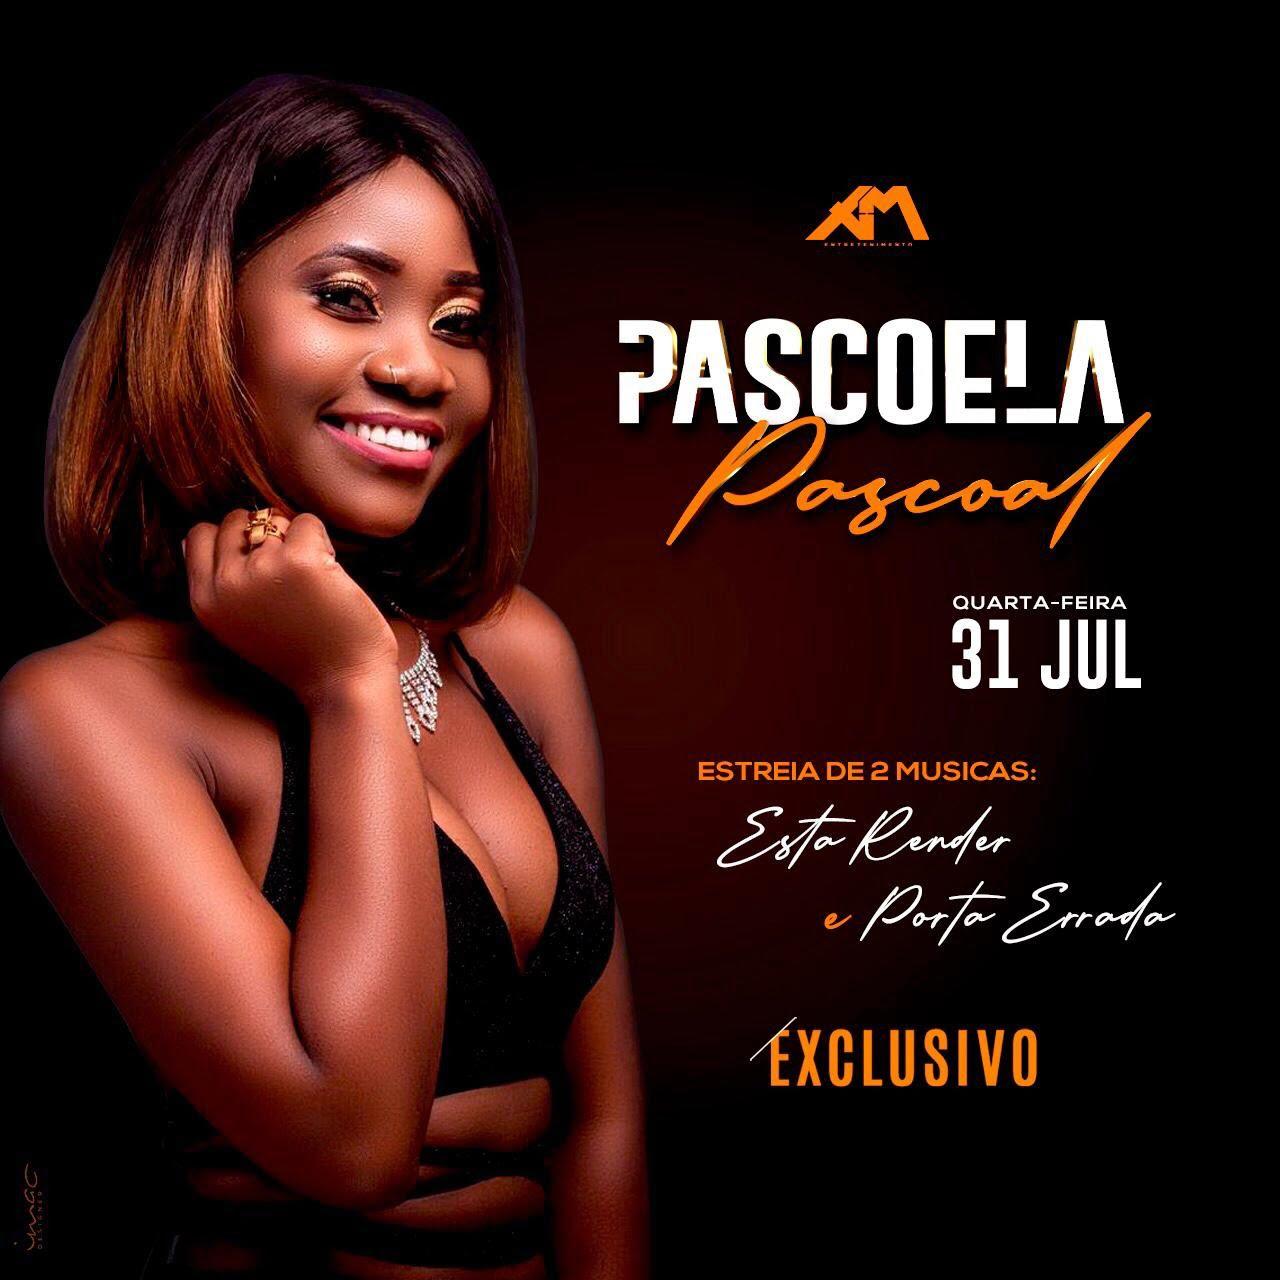 Pascoela Pascual – Porta Errada